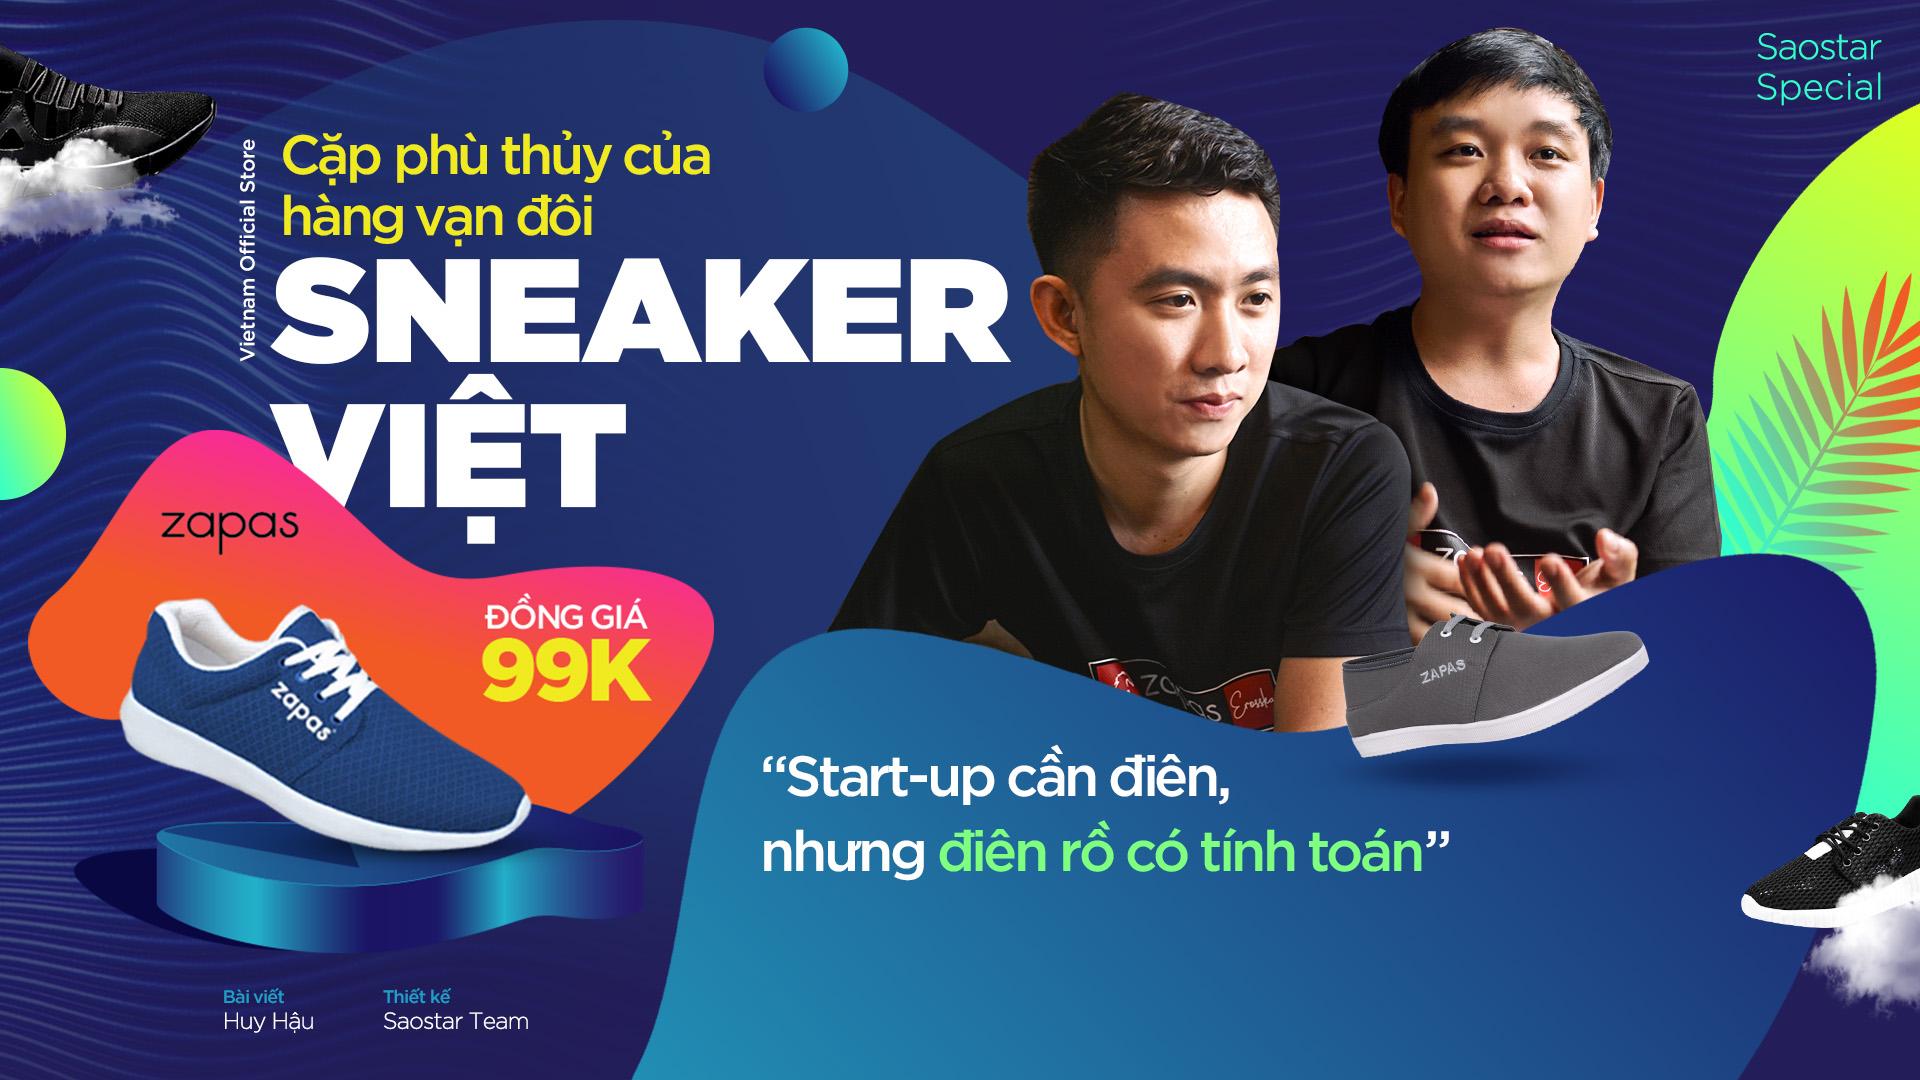 Cặp phù thủy của hàng vạn đôi sneaker Việt đồng giá 99k: 'Start-up cần điên, nhưng điên rồ có tính toán'